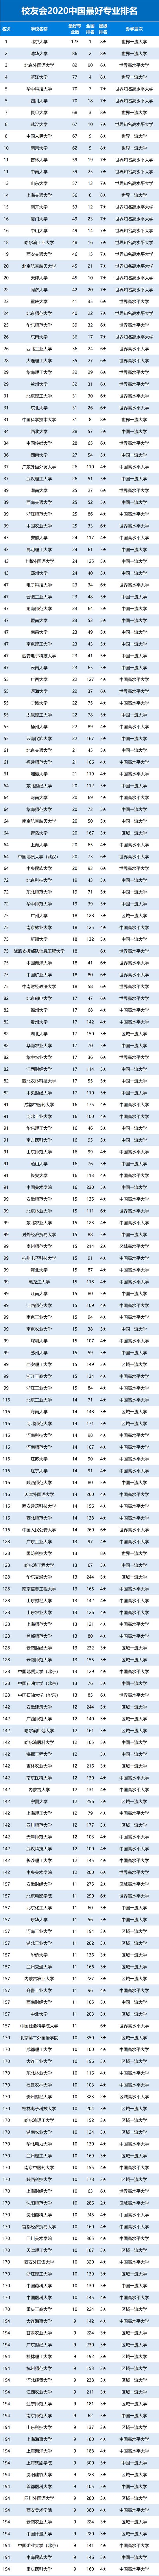 2020年中国最好专业排名2